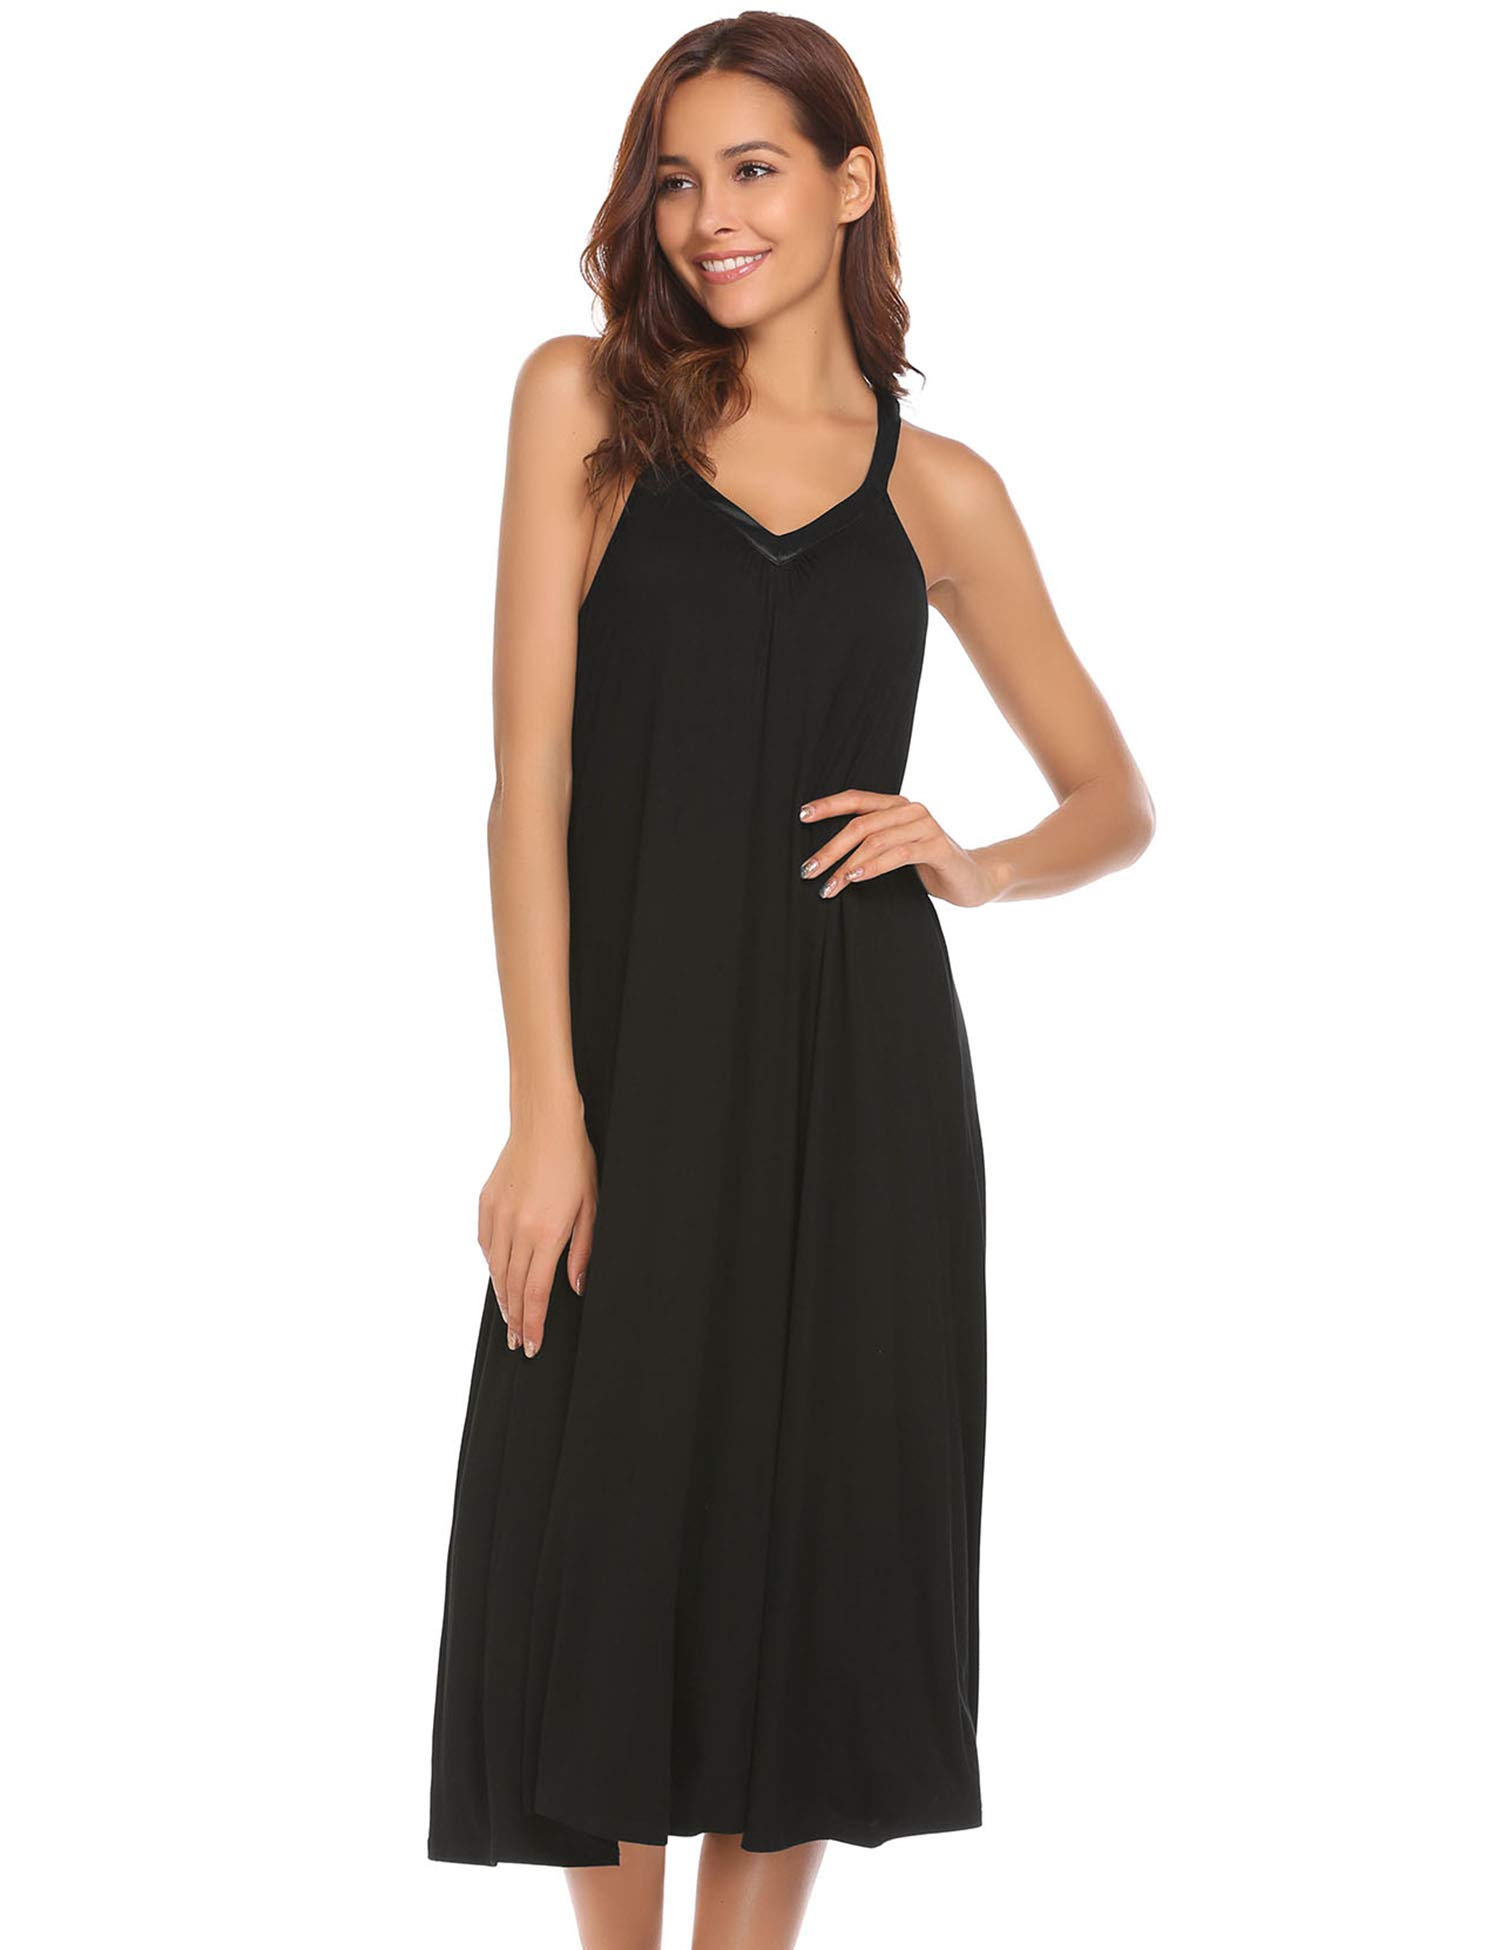 Ekouaer Women's Sleeveless Long Nightgown Slip Full Length Night Dress Soft Sleepshirt Chemise